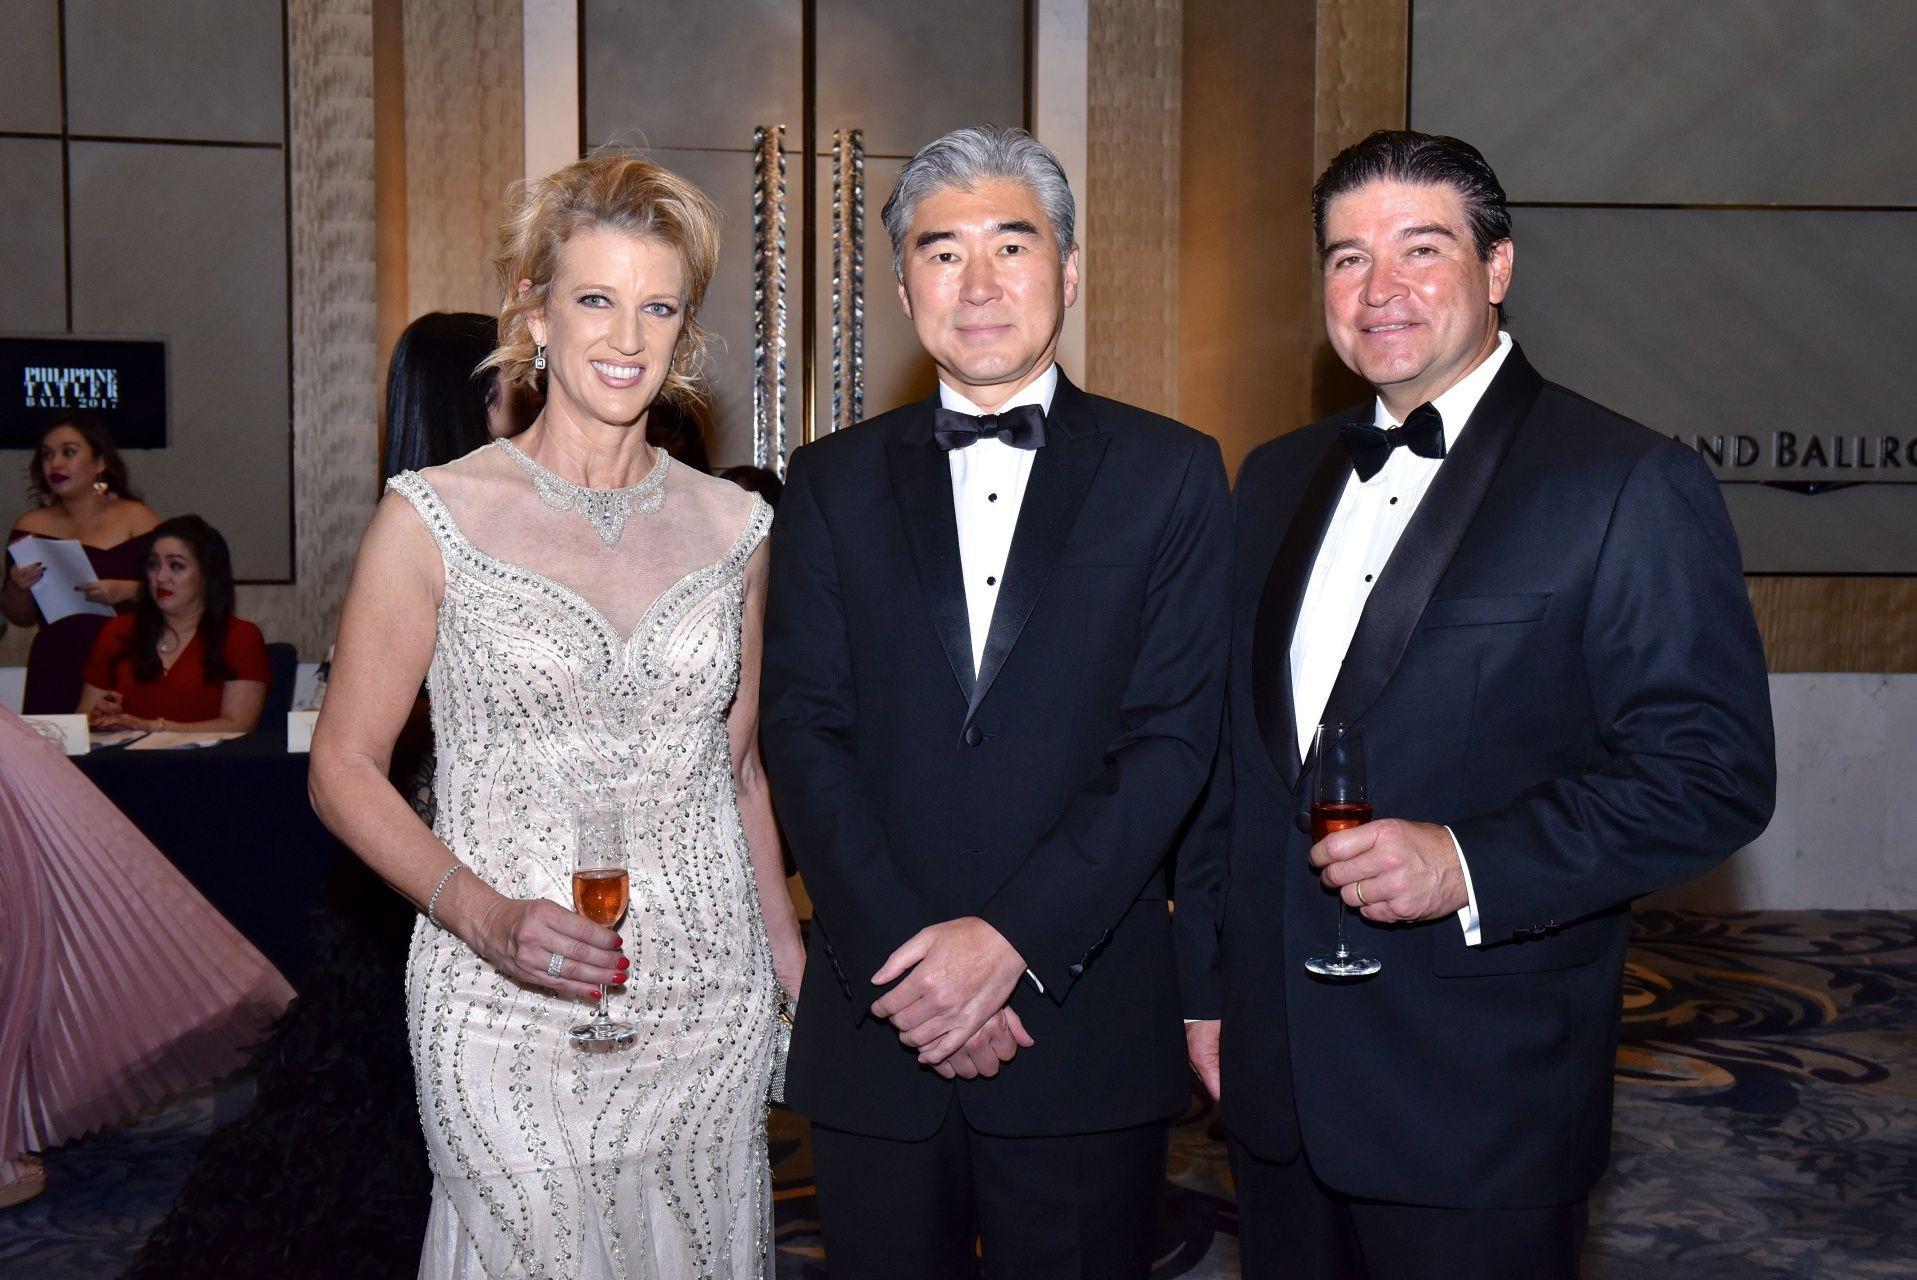 Bonnie Santos, Amb. Sung Yong Kim and Rick Santos